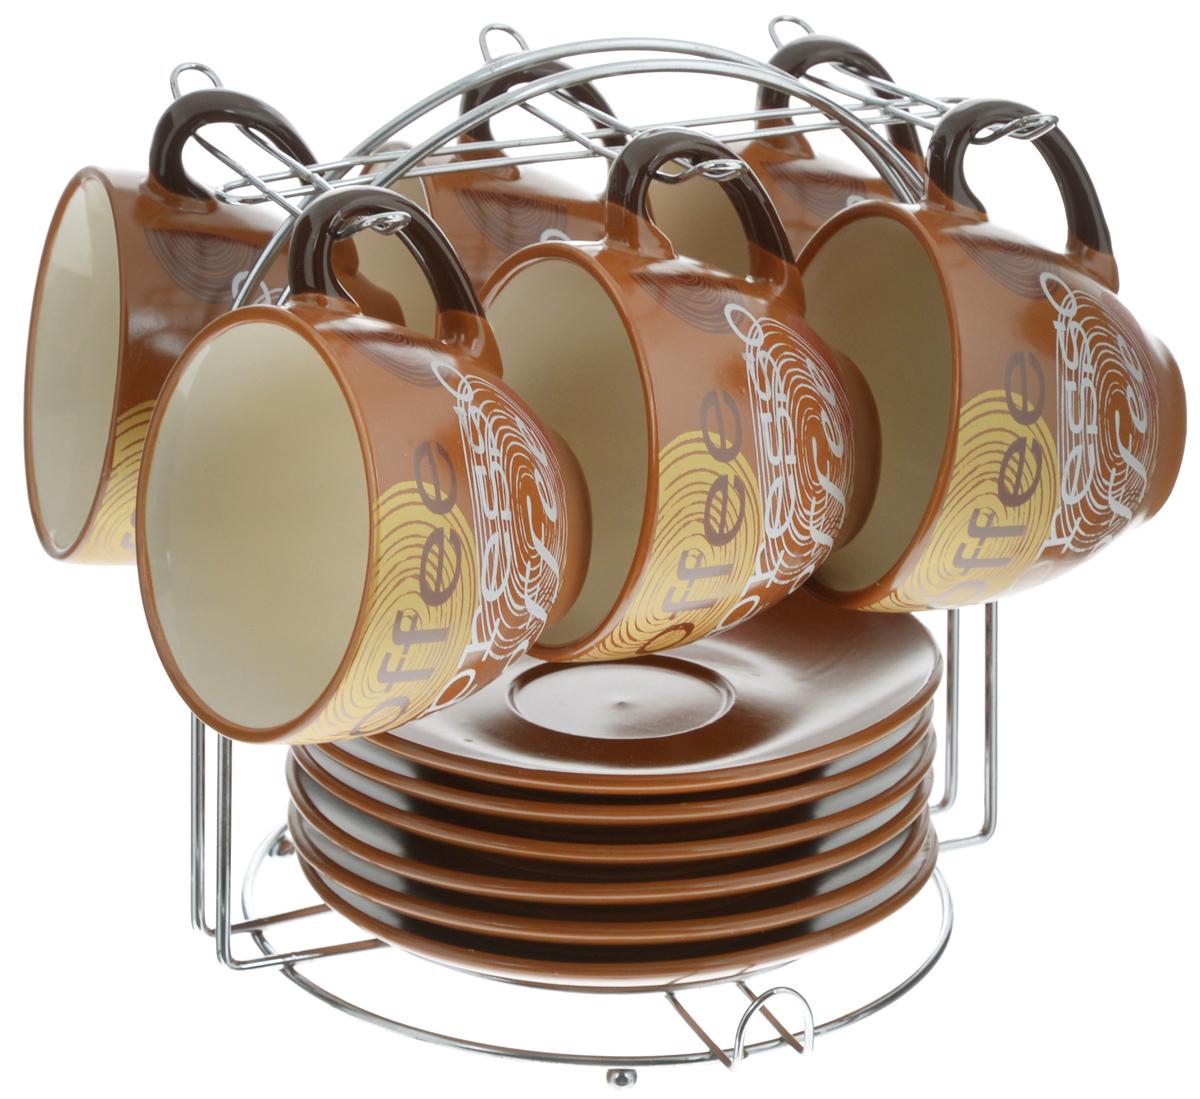 Набор чайный Loraine, на подставке, 13 предметов. 2353723537Набор Loraine состоит из шести чашек и шести блюдец, изготовленных из высококачественной керамики и оформленных стильным рисунком. Изделия расположены на металлической подставке. Такой набор подходит для подачи чая или кофе. Изящный дизайн придется по вкусу и ценителям классики, и тем, кто предпочитает утонченность и изысканность. Он настроит на позитивный лад и подарит хорошее настроение с самого утра. Чайный набор Loraine - идеальный и необходимый подарок для вашего дома и для ваших друзей в праздники. Можно использовать в микроволновой печи, также мыть в посудомоечной машине. Объем чашки: 220 мл. Диаметр чашки по верхнему краю: 9 см. Высота чашки: 7,5 см. Диаметр блюдца: 14,5 см. Высота блюдца: 2,2 см. Размер подставки: 19 х 19,5 х 21 см.